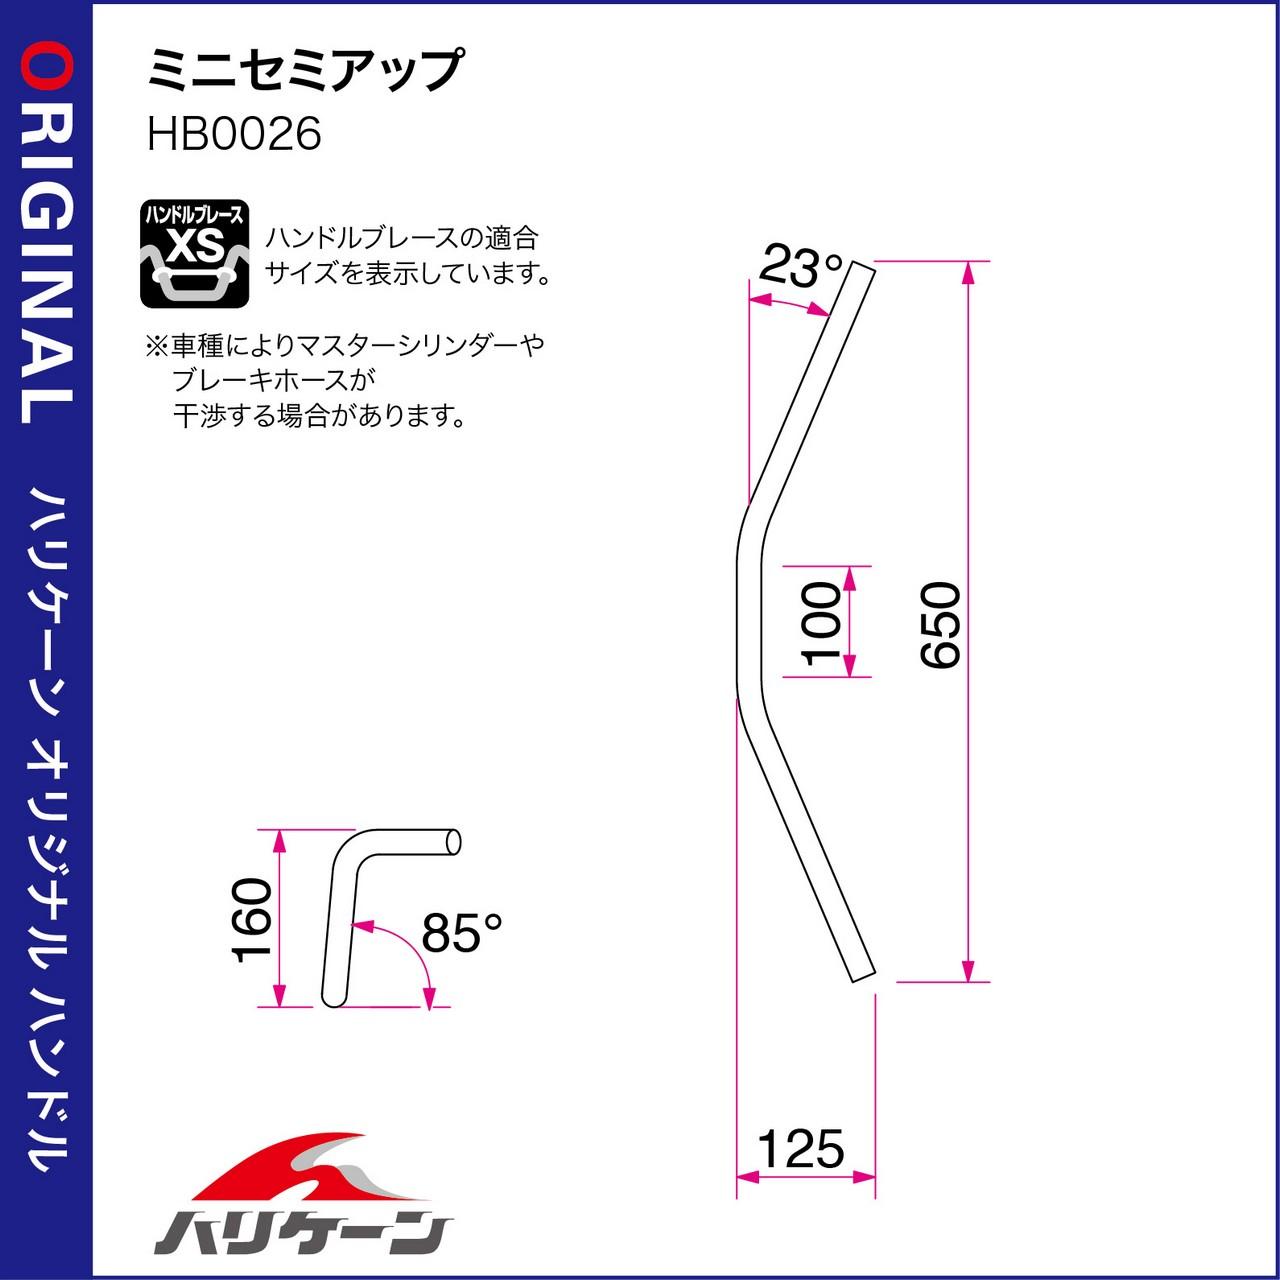 【HURRICANE】Mini Type Half-Up Φ7/ 8吋 Mini把手 - 「Webike-摩托百貨」